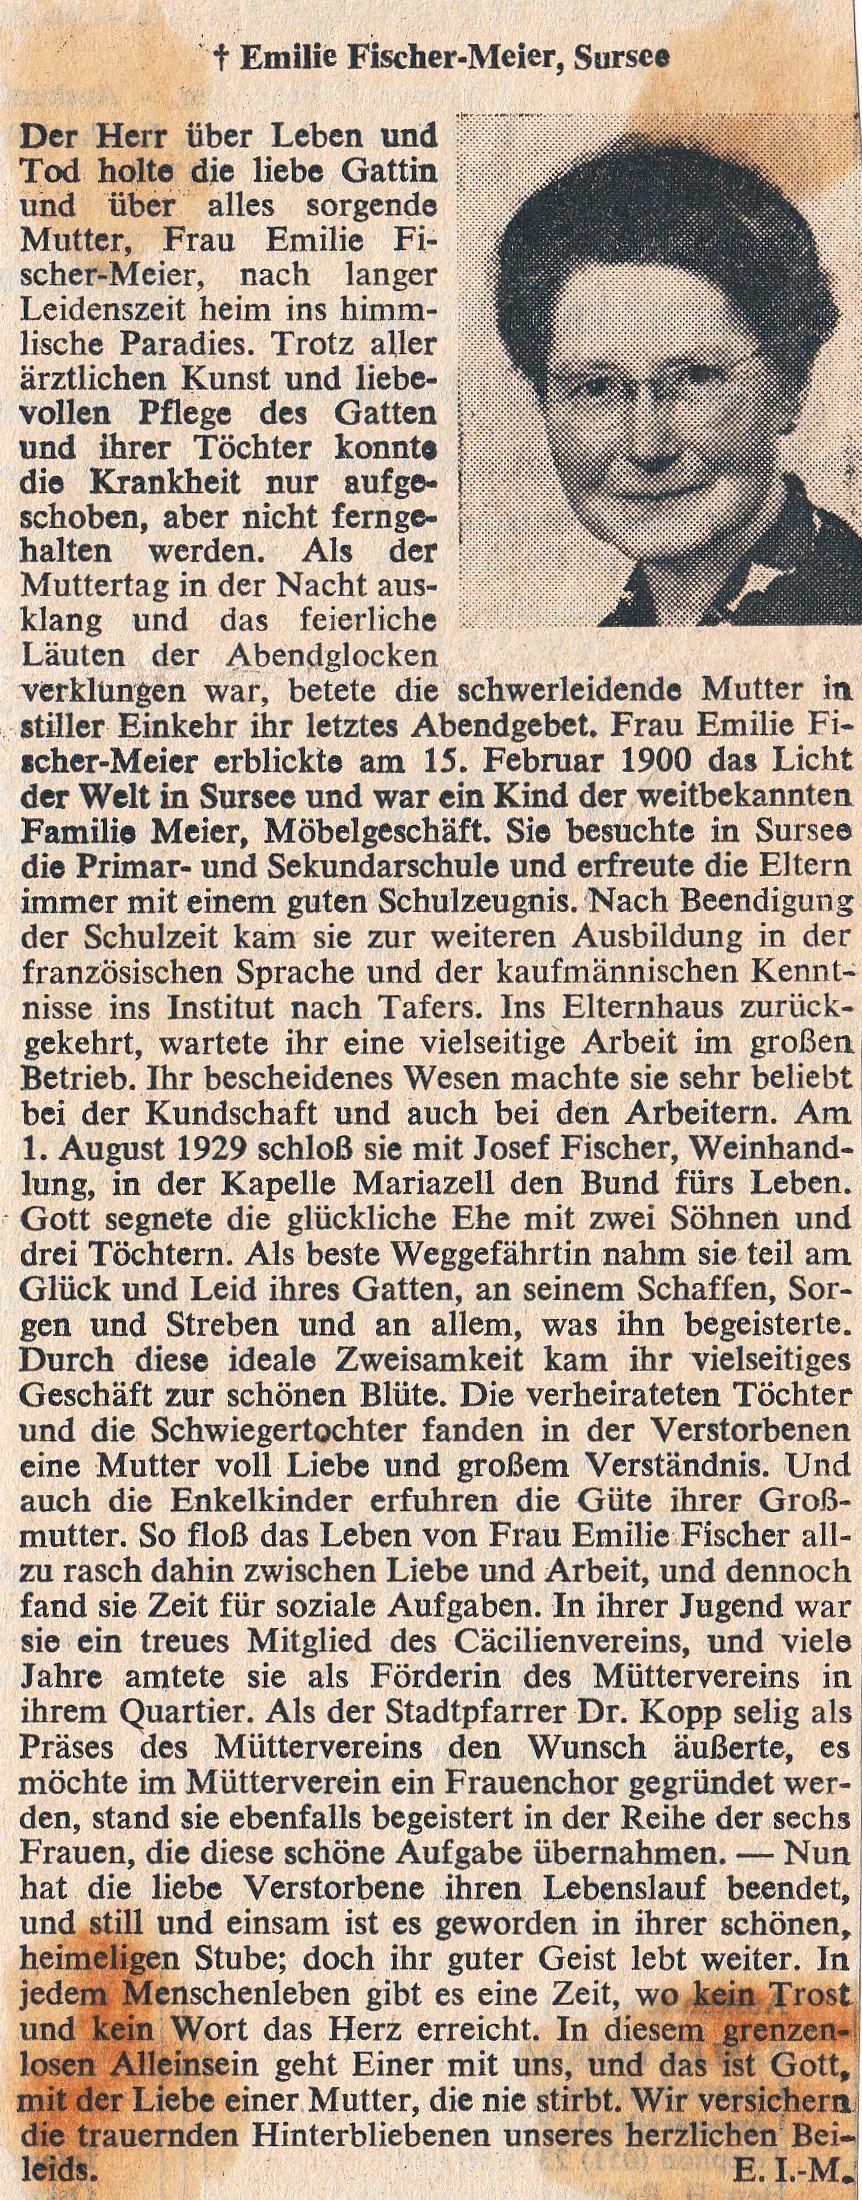 Nachruf Emilie Fischer-Meier (1900-1965)